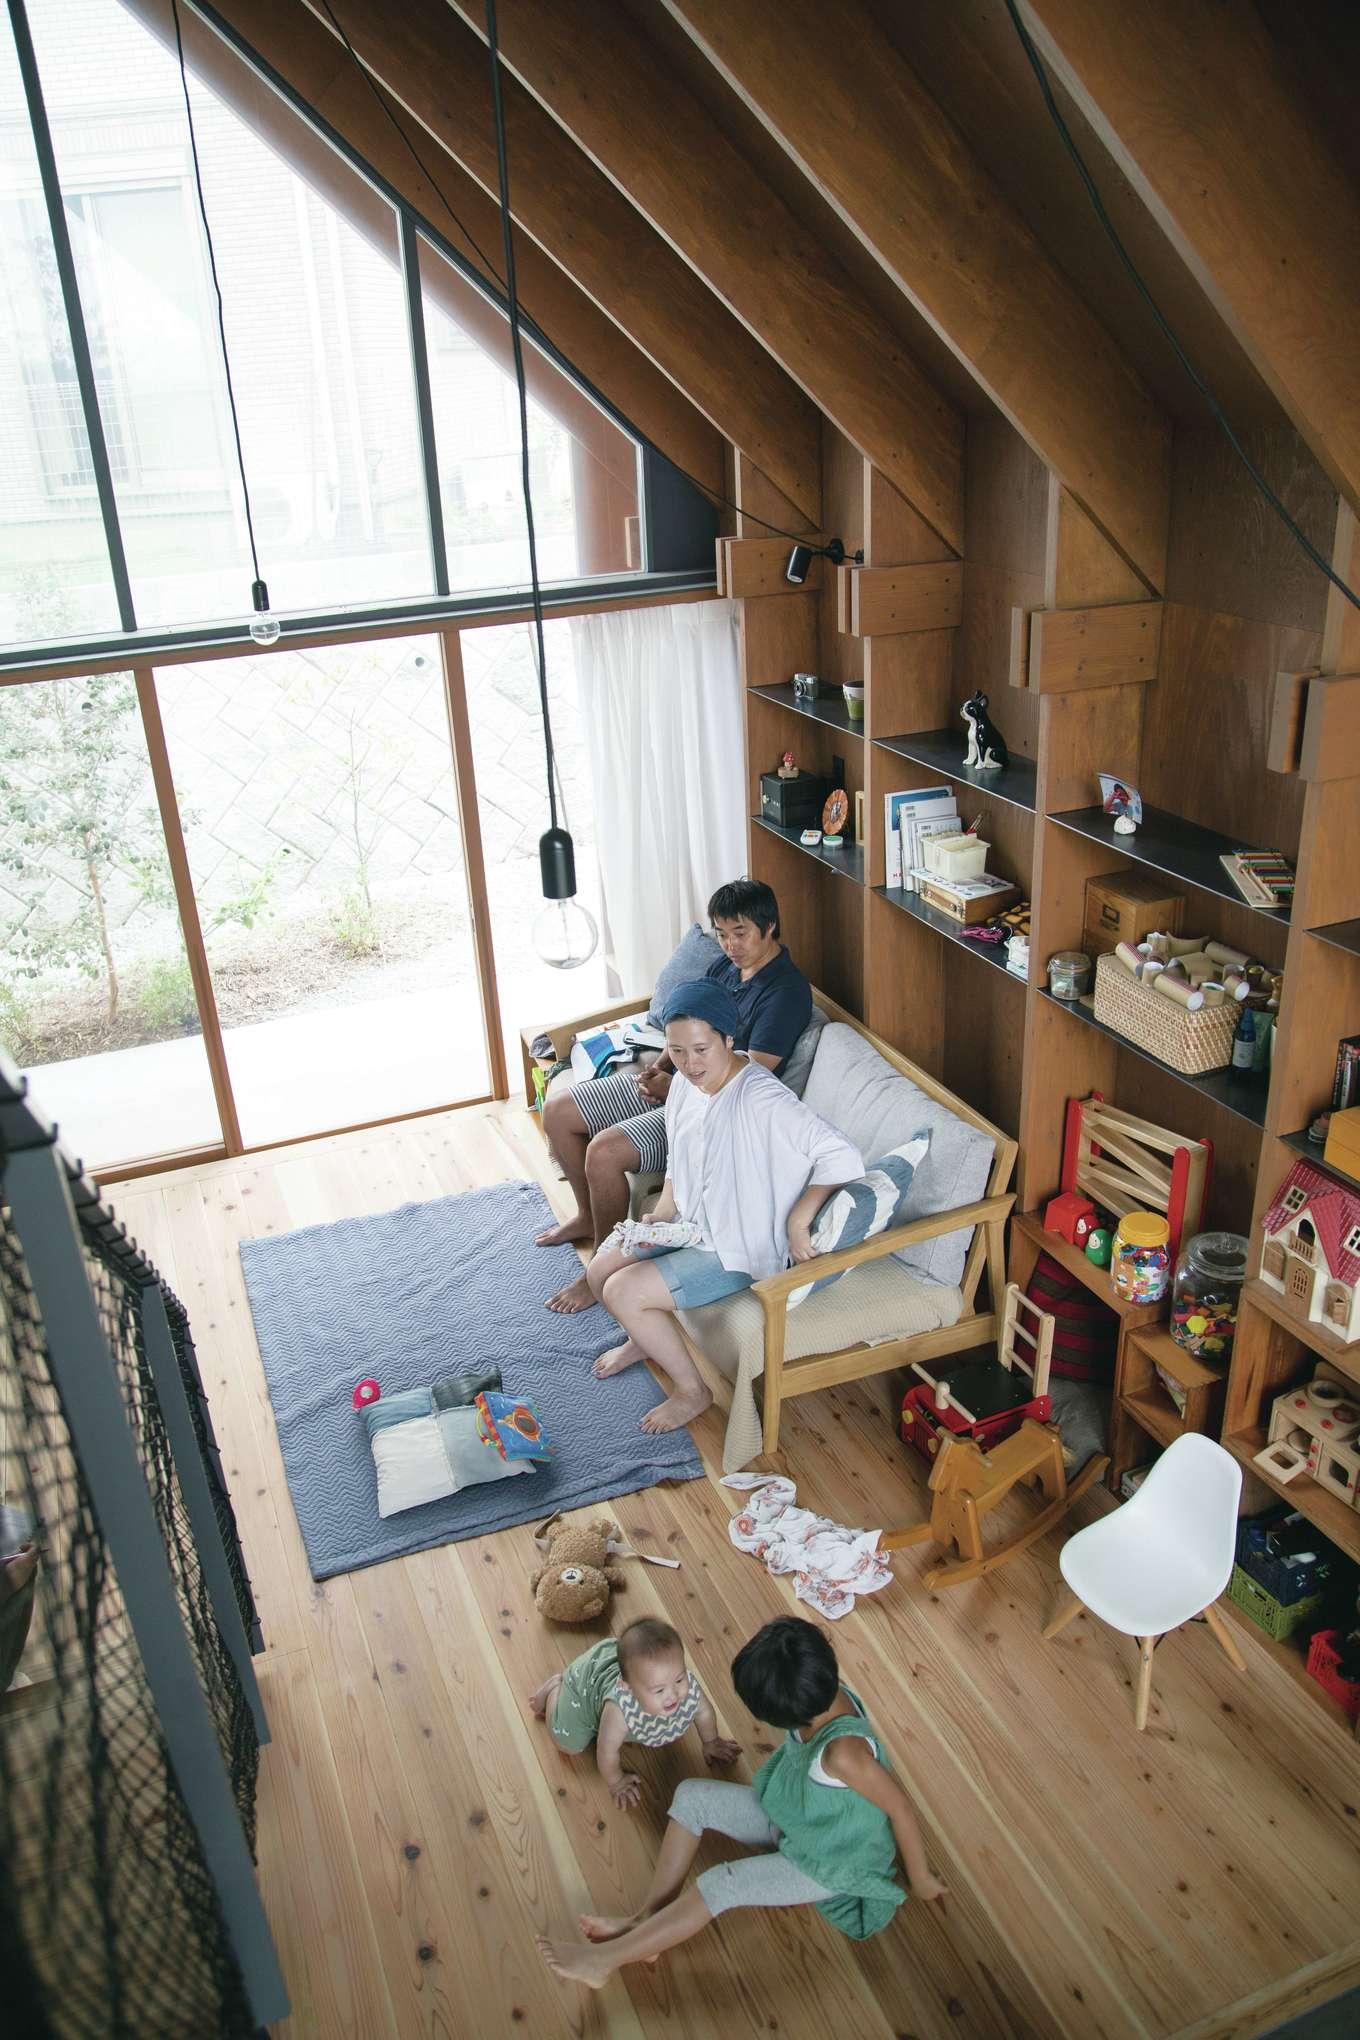 建杜 KENT(大栄工業)【デザイン住宅、自然素材、建築家】リビングは柔らかな杉の無垢床。子どももワンコもニャンコも、安心して遊べる。外の視線が気にならない裏庭側は、一面ガラスに